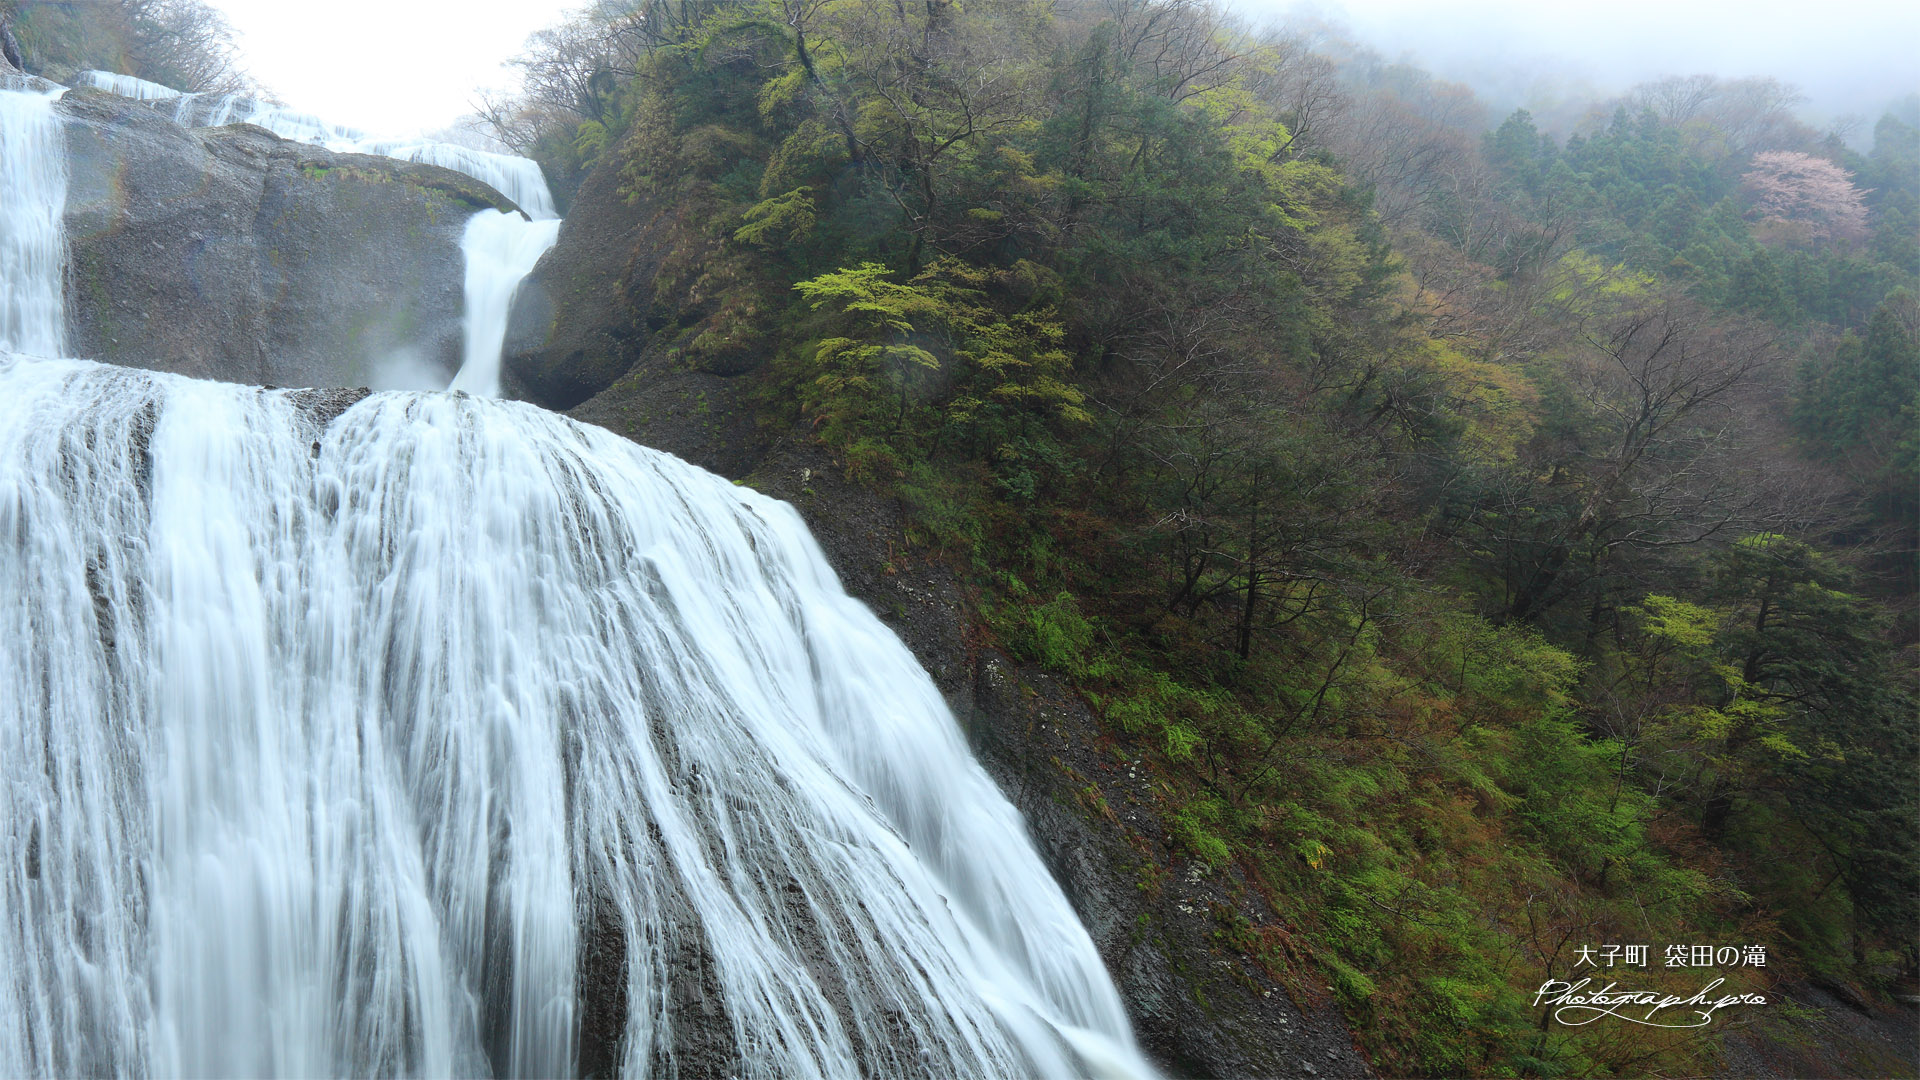 月居山の桜 袋田の滝